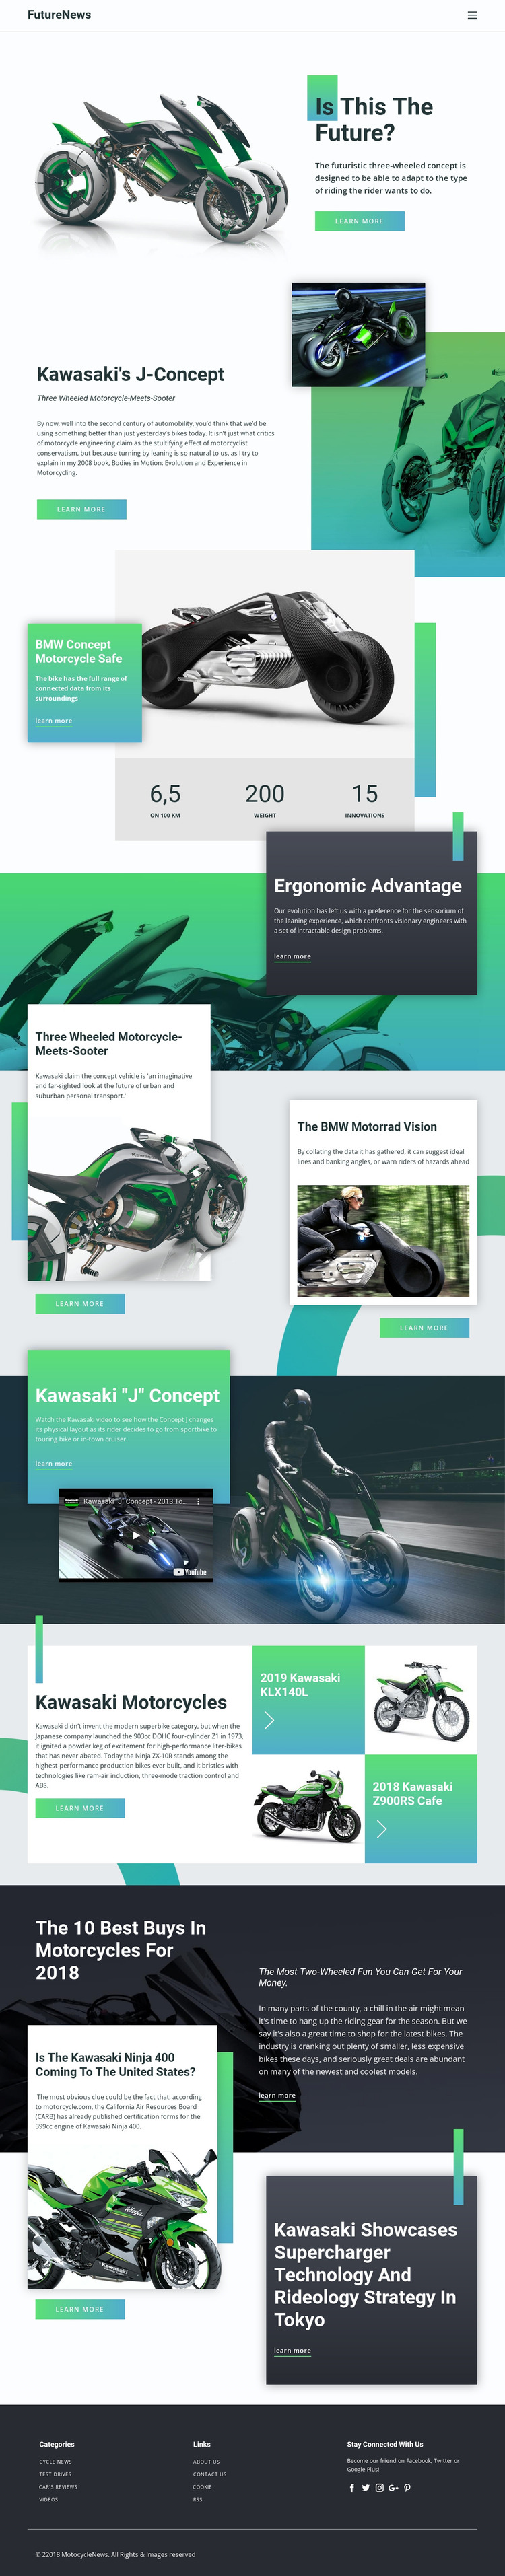 Future News Web Design